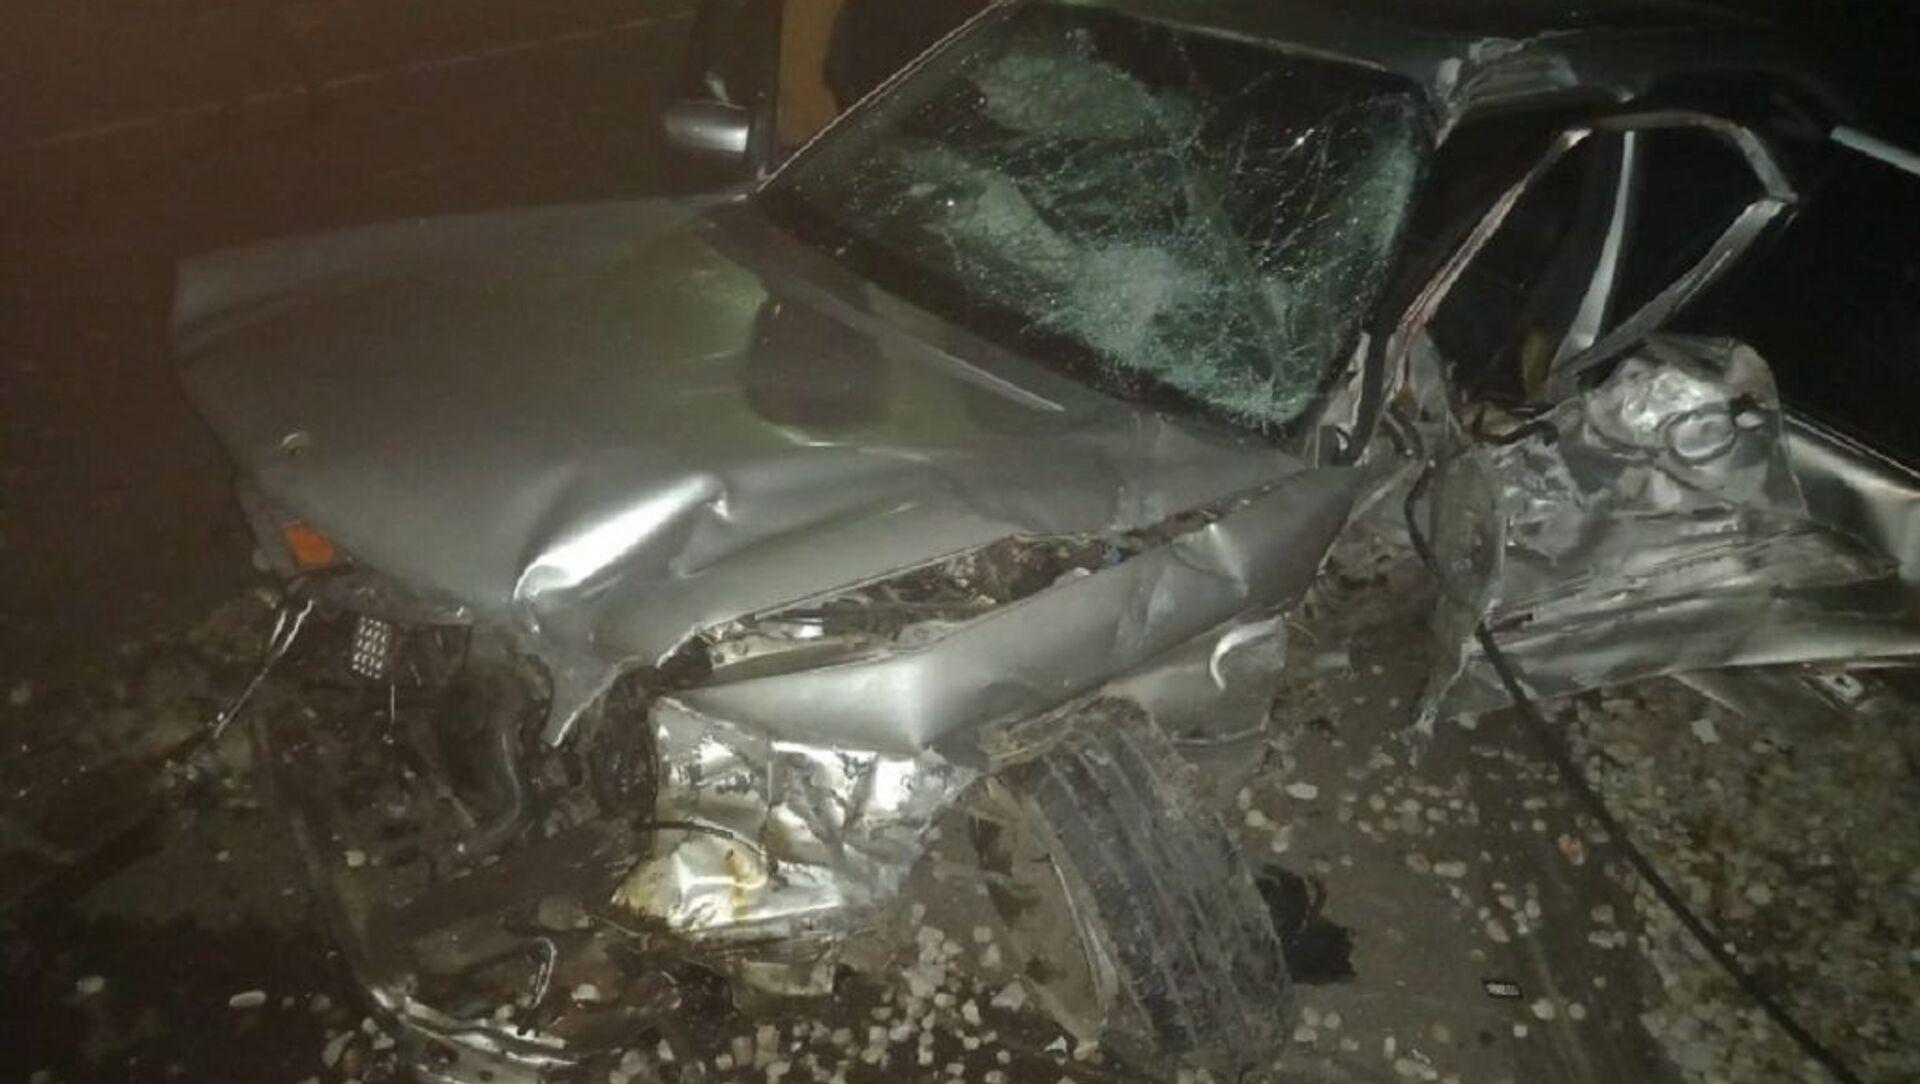 Два человека погибли в аварии в Гудаутском районе - Sputnik Абхазия, 1920, 27.09.2021